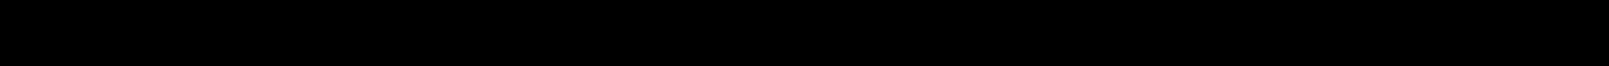 přechodový pás_horizont_4.png